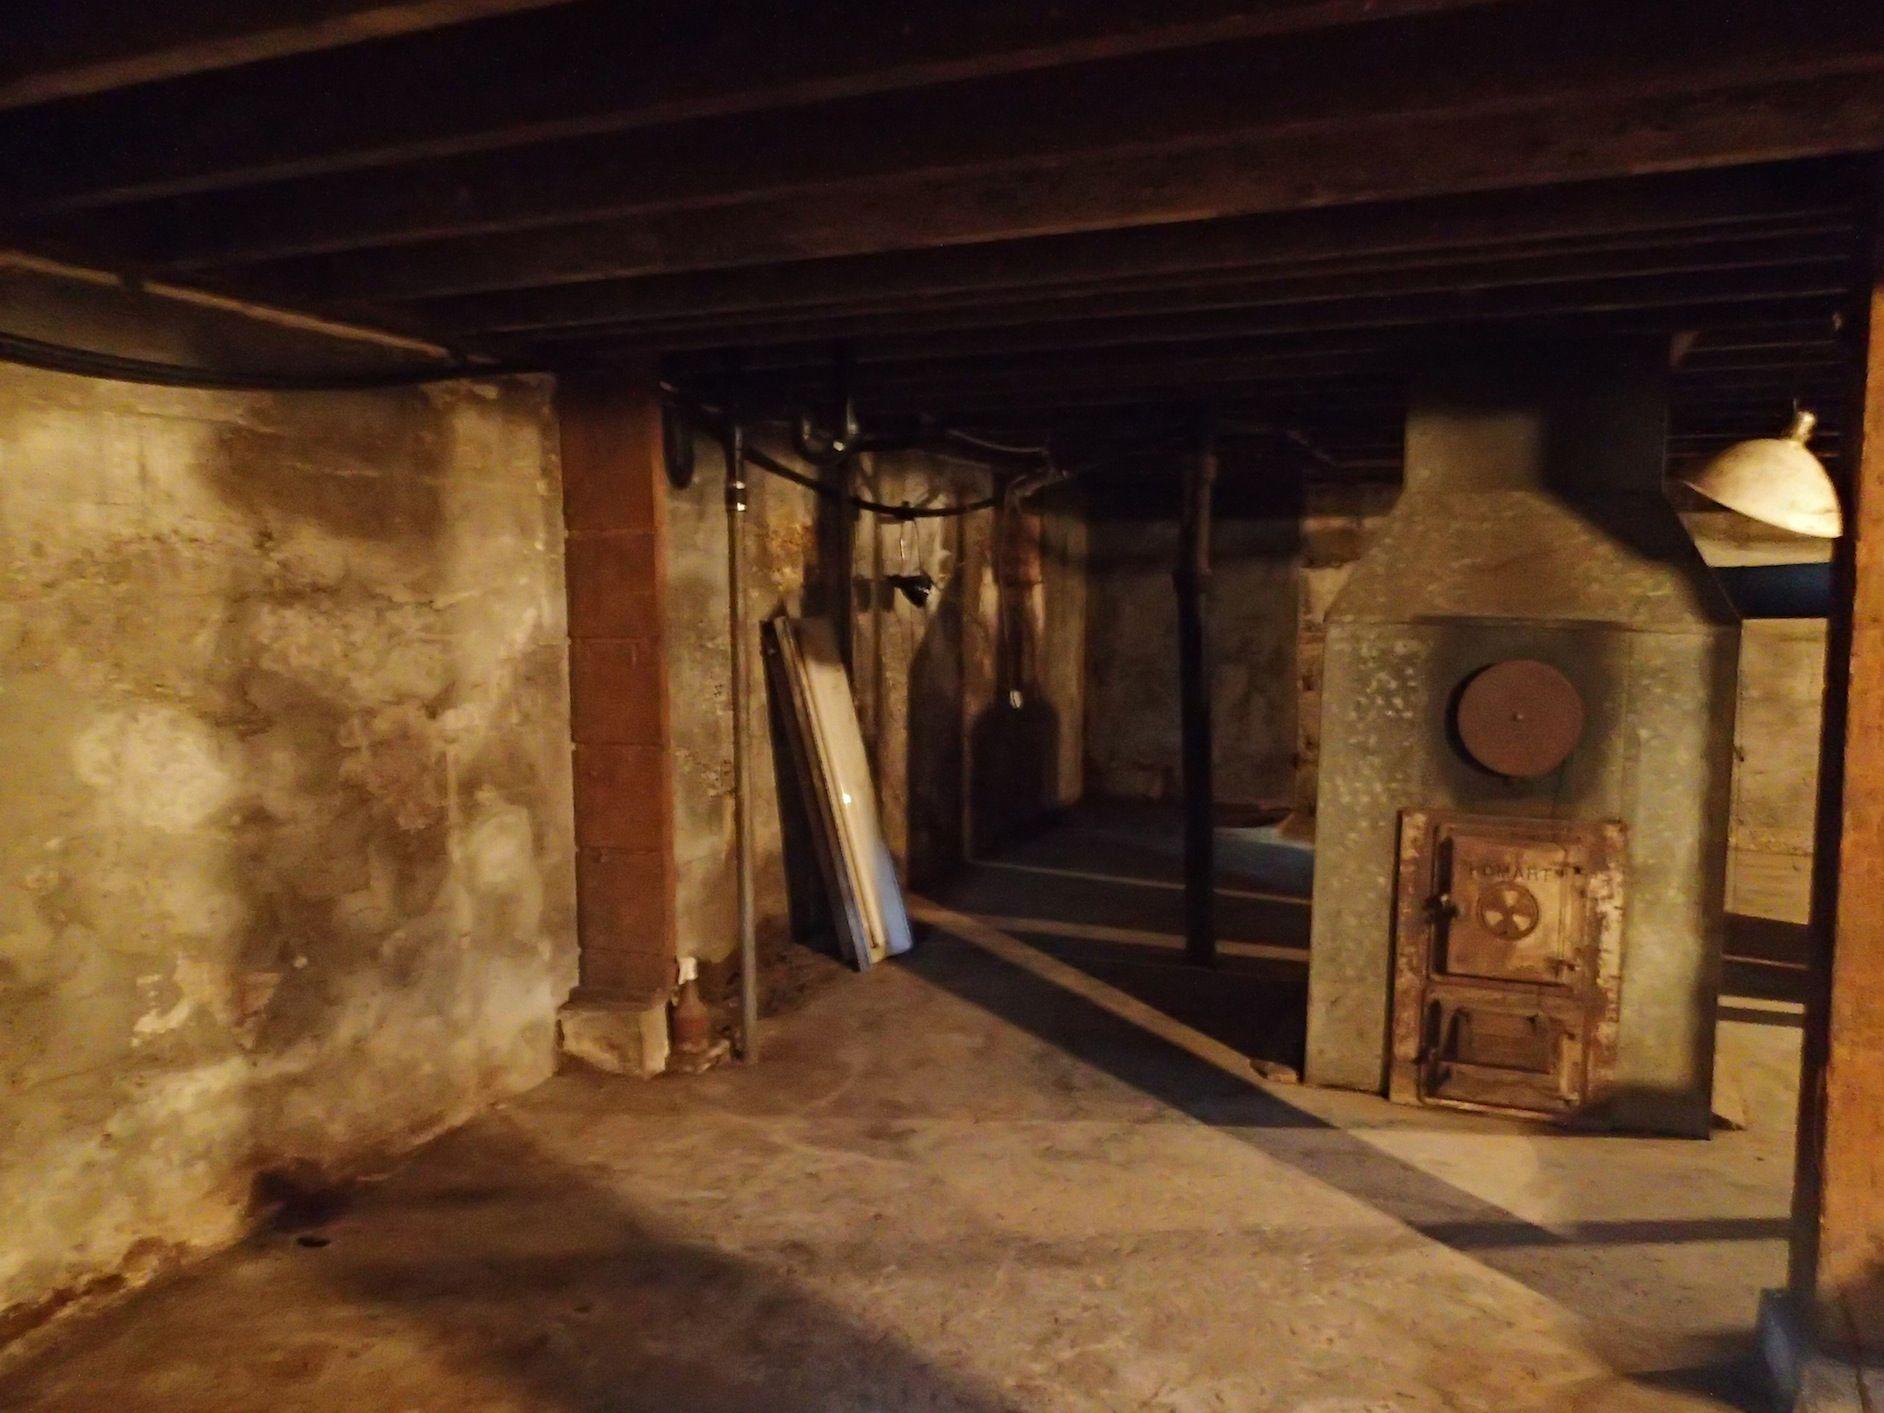 Basement Furnace Sweeney Todd Sweeney Todd Basement Art